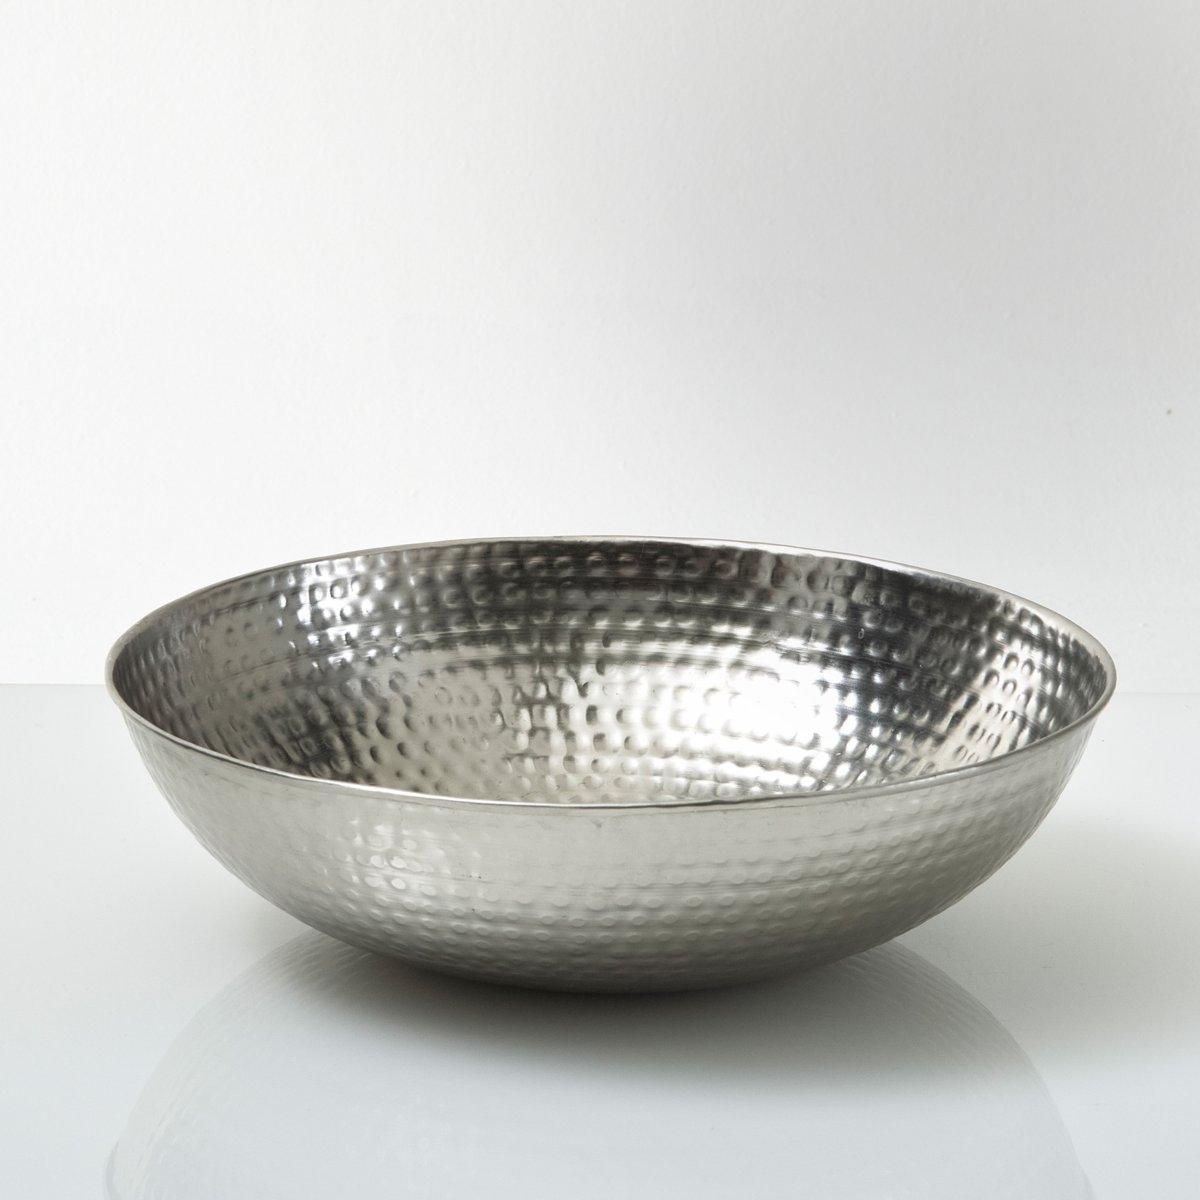 Ваза из кованого металла , BrunaМеталлическая ваза Bruna : актуальные тенденции- для журнального столика, буфета или столовой  .      Характеристики :Кованый никель .Полуматовое покрытие  .Размеры :Диаметр : 40 смВысота : 11 см&gt;<br><br>Цвет: серый серебристый<br>Размер: единый размер